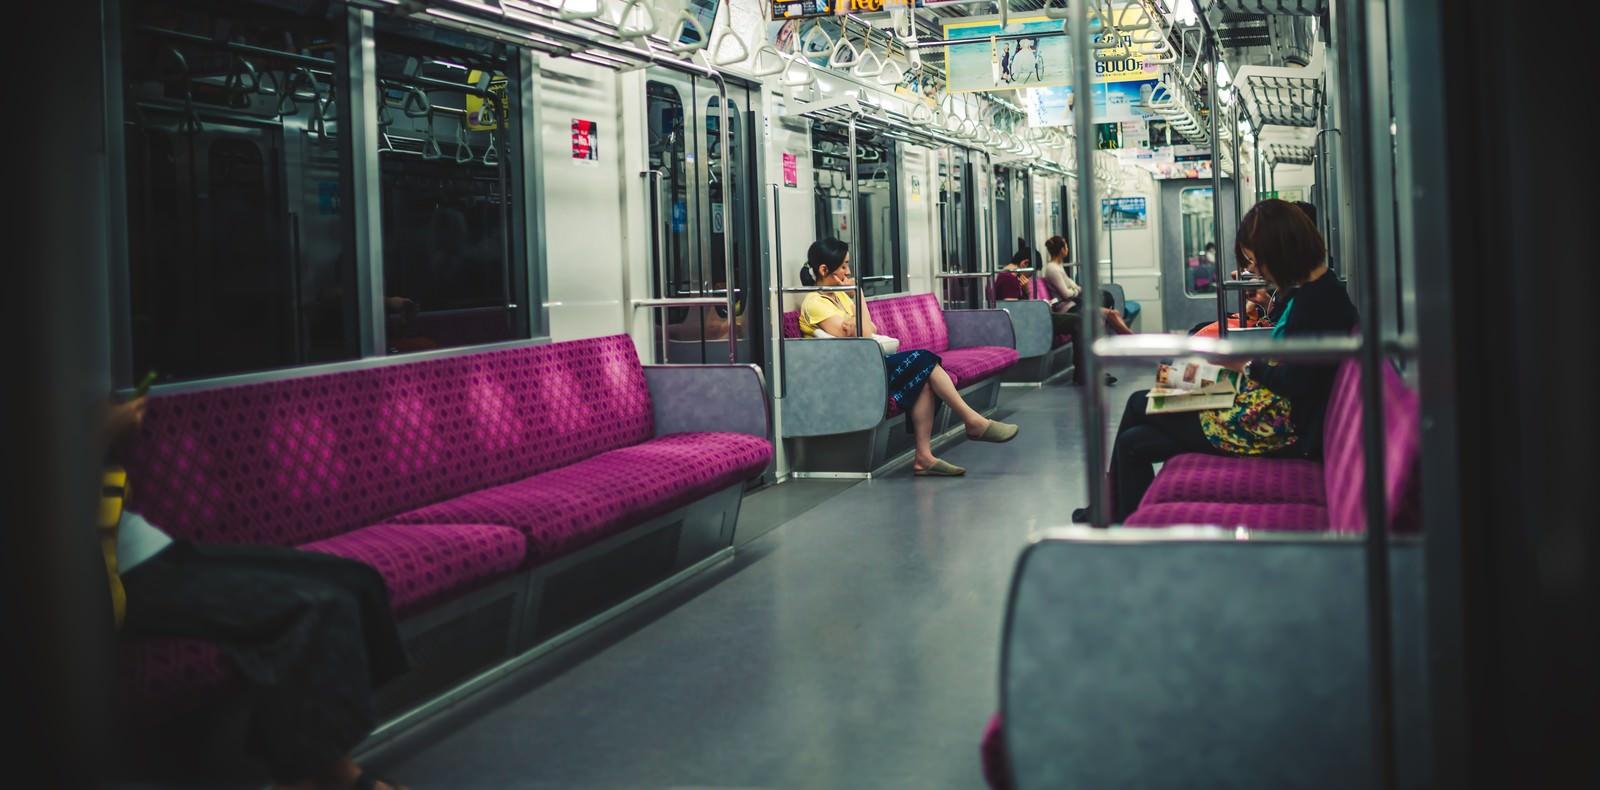 「夜間の電車内夜間の電車内」のフリー写真素材を拡大